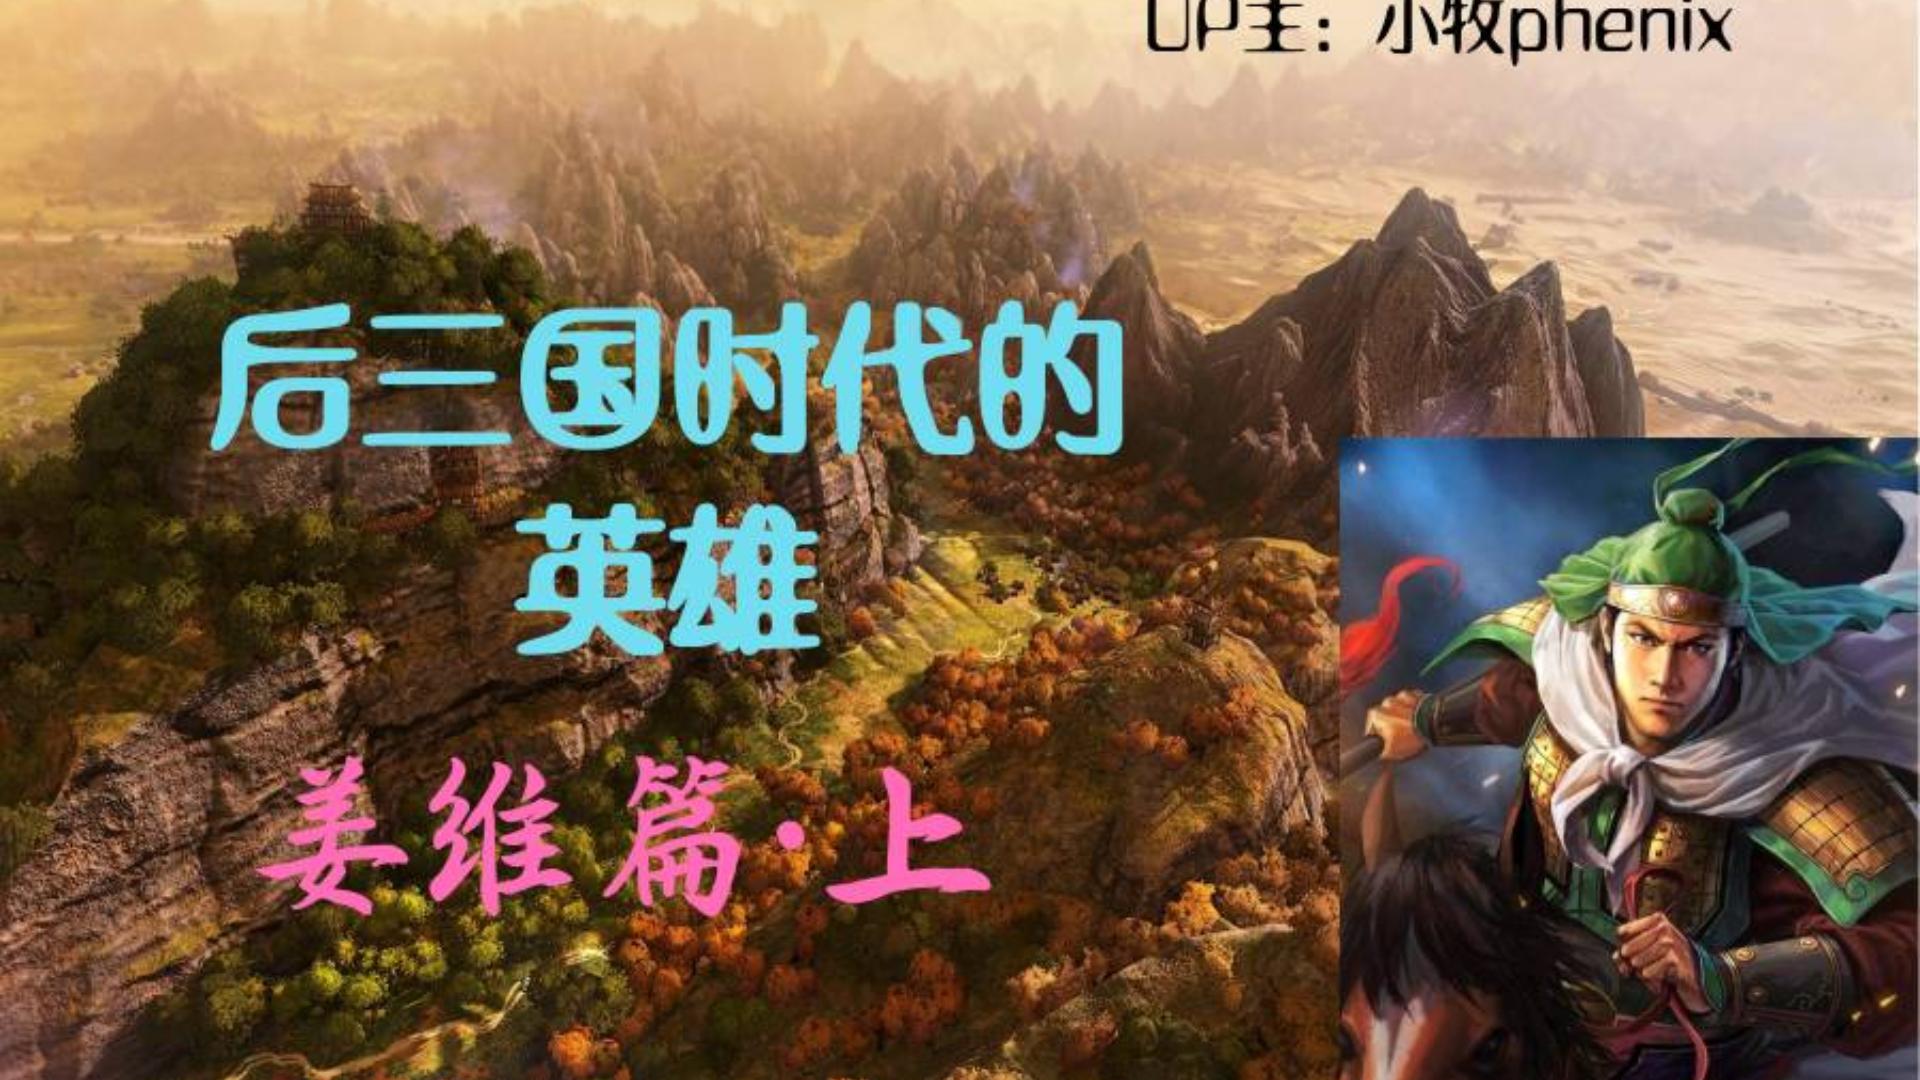 【牧杂谈】后三国时代的英雄 姜维篇·上